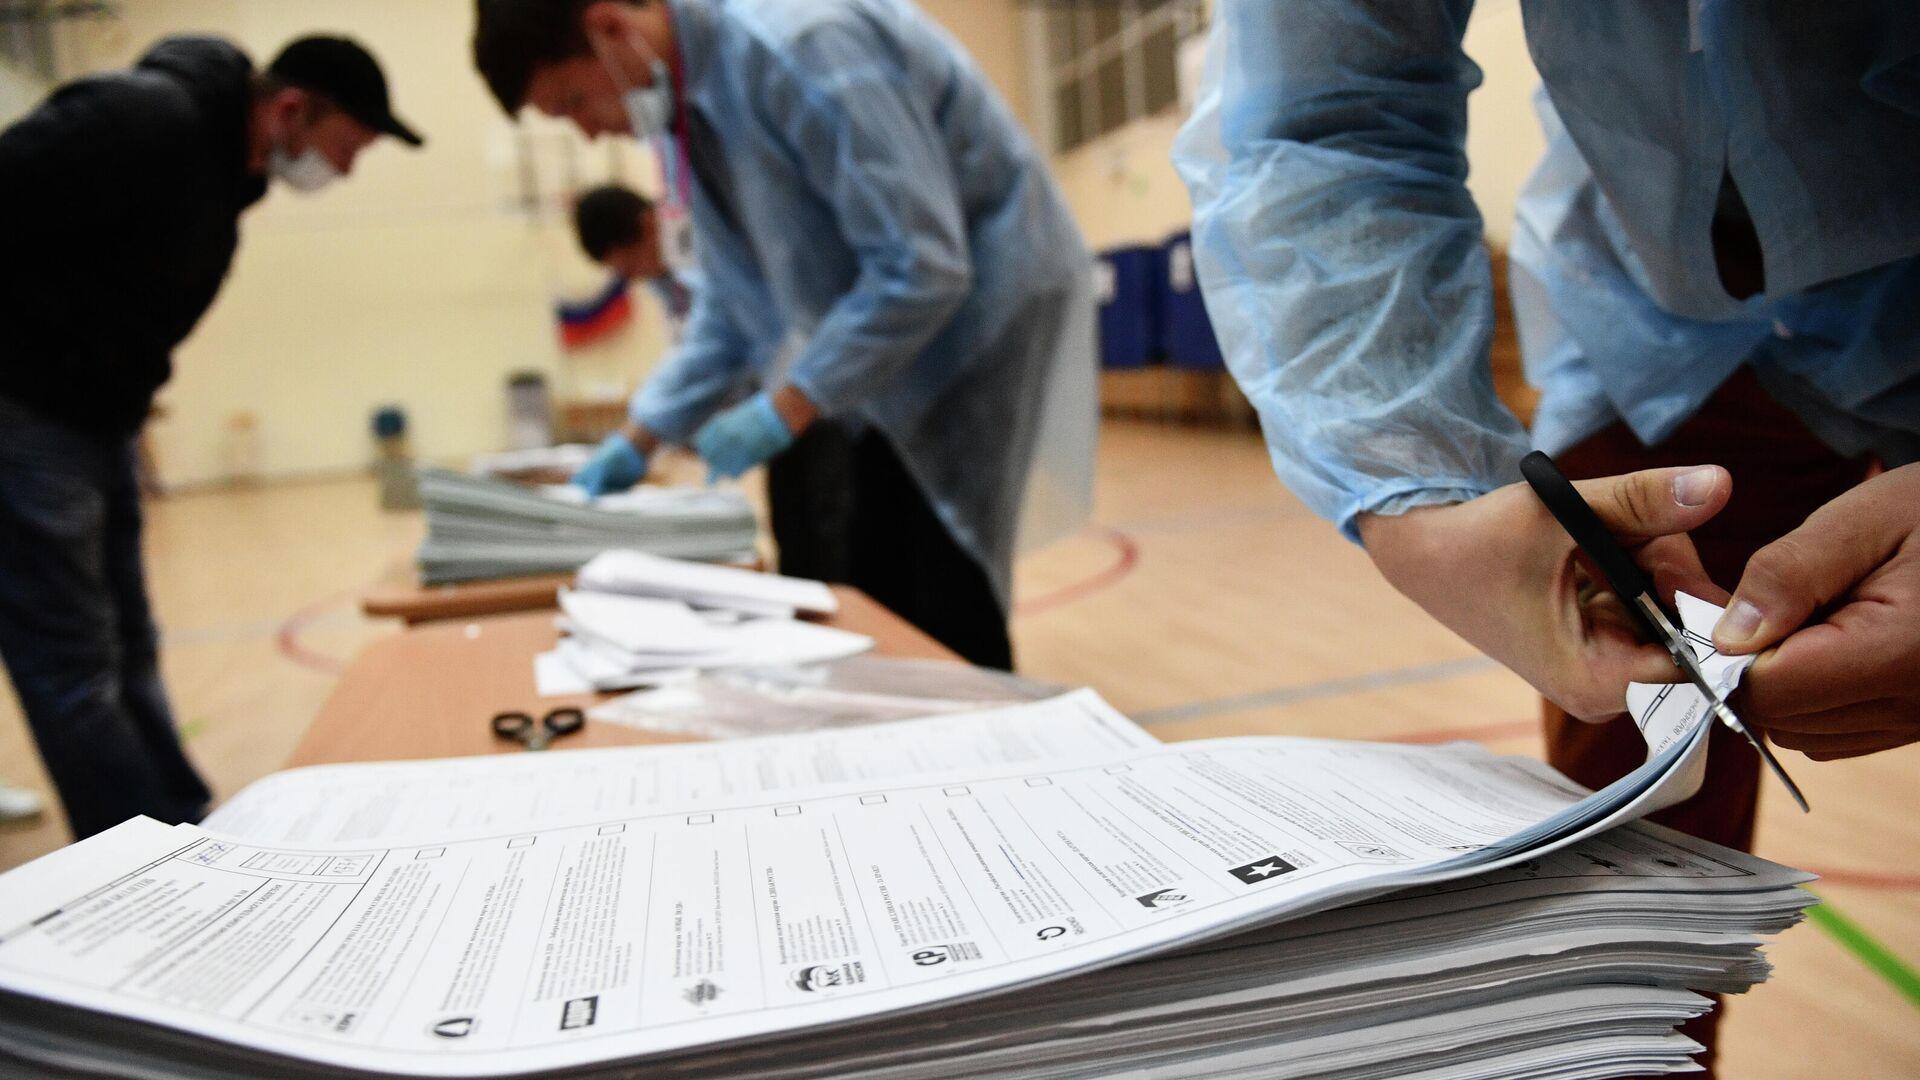 Процедура погашения неиспользованных избирательных бюллетеней после закрытия избирательного участка в Екатеринбурге - РИА Новости, 1920, 20.09.2021